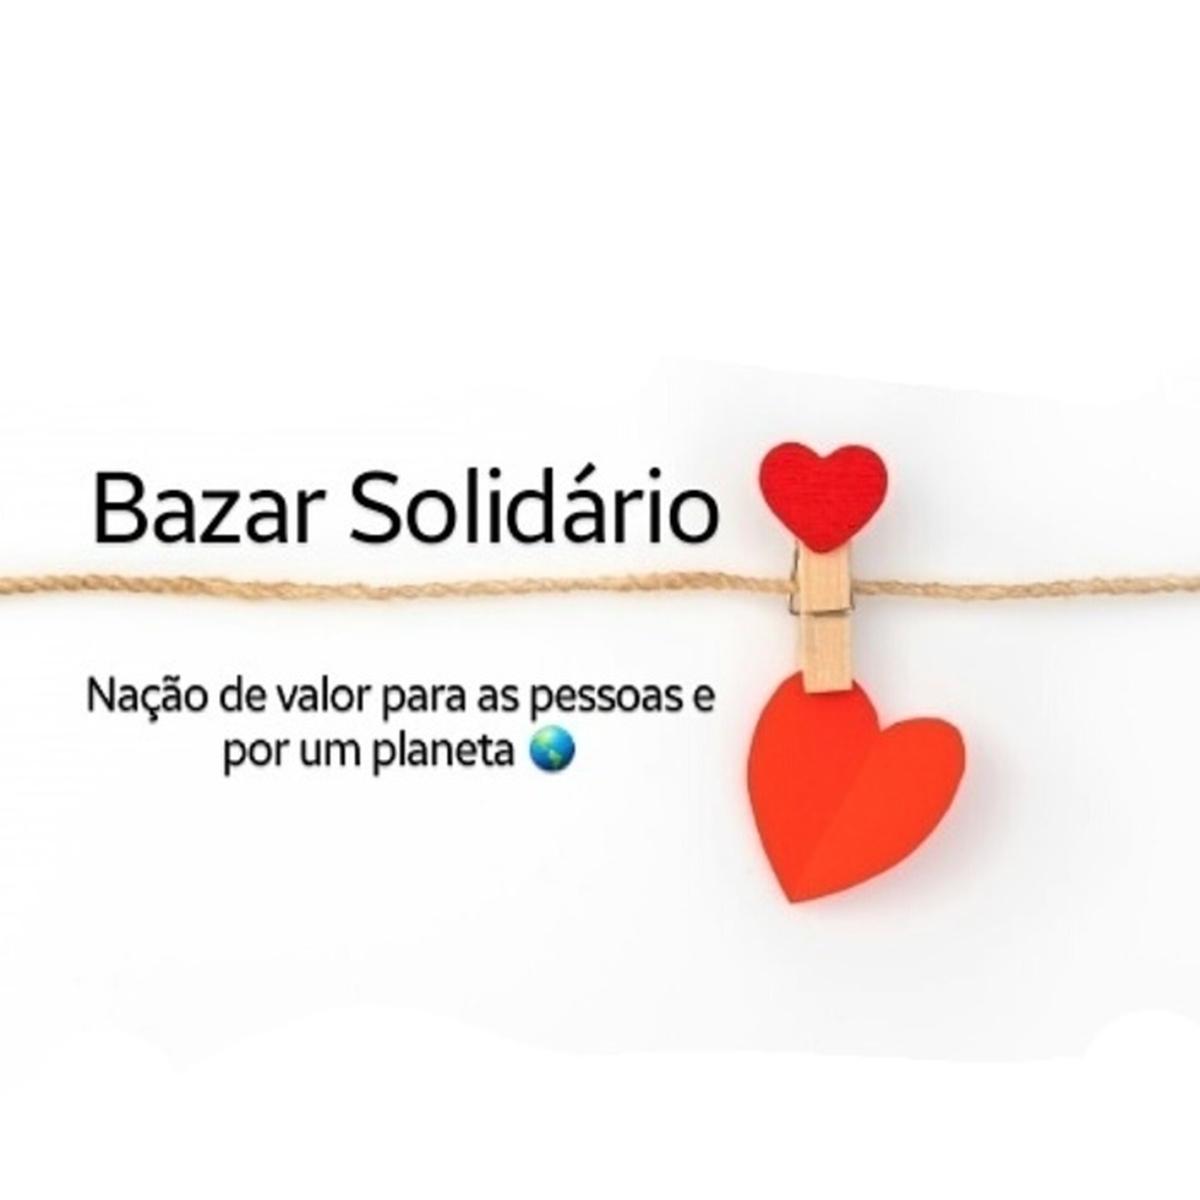 Bazar Solidário da NAÇÃO de VALOR